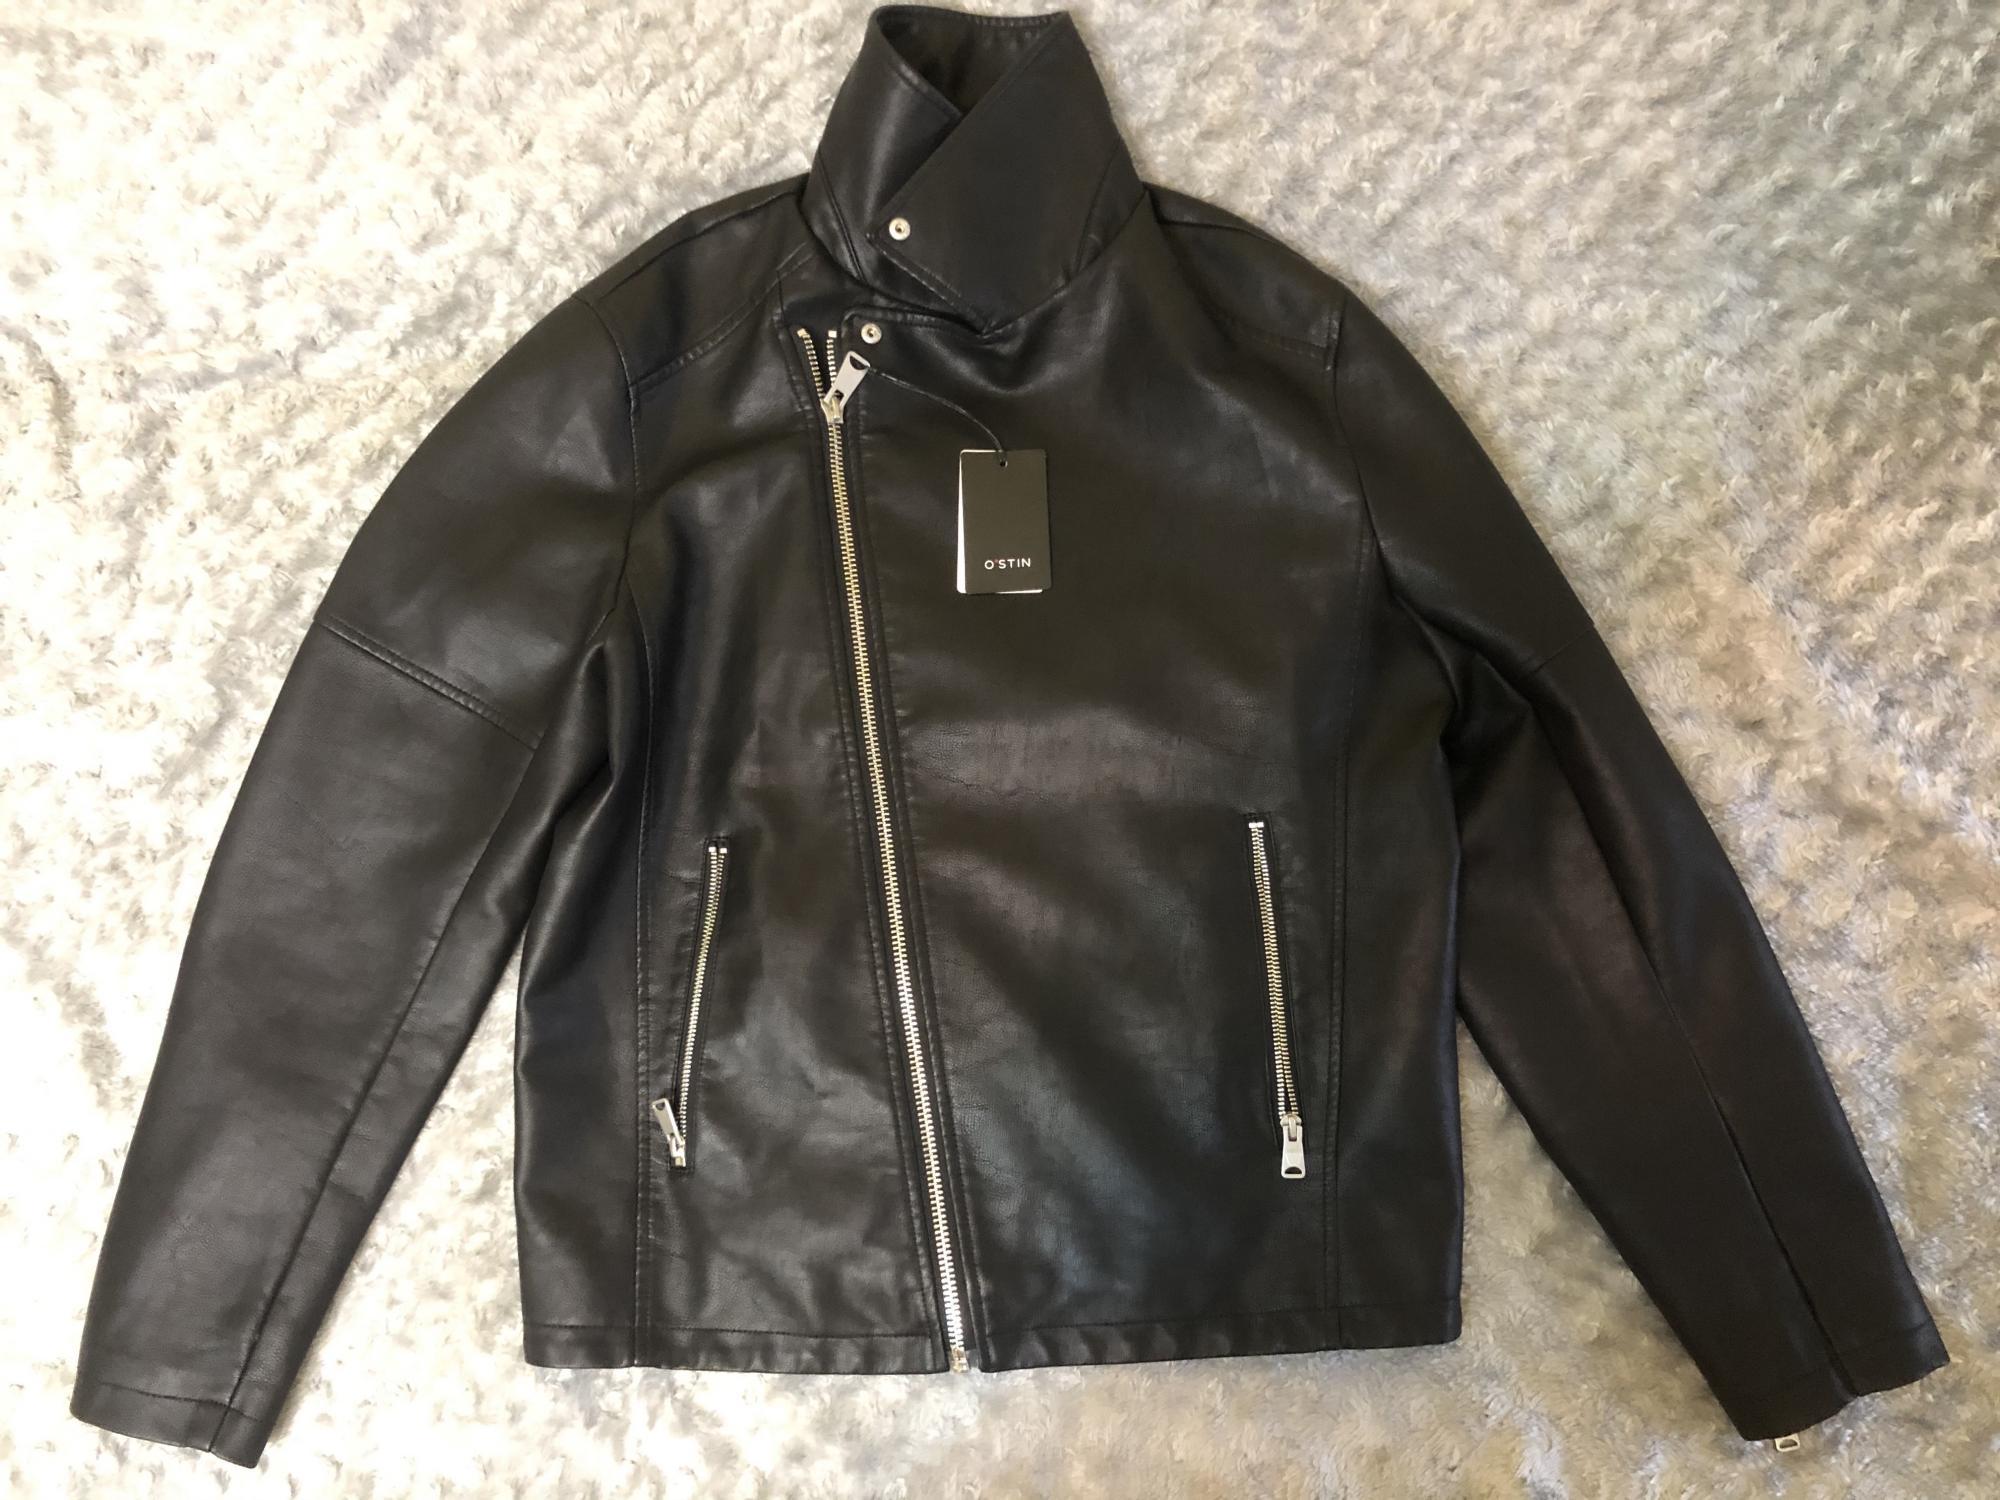 Мужская черная куртка O'stin в Москве 89256096656 купить 5